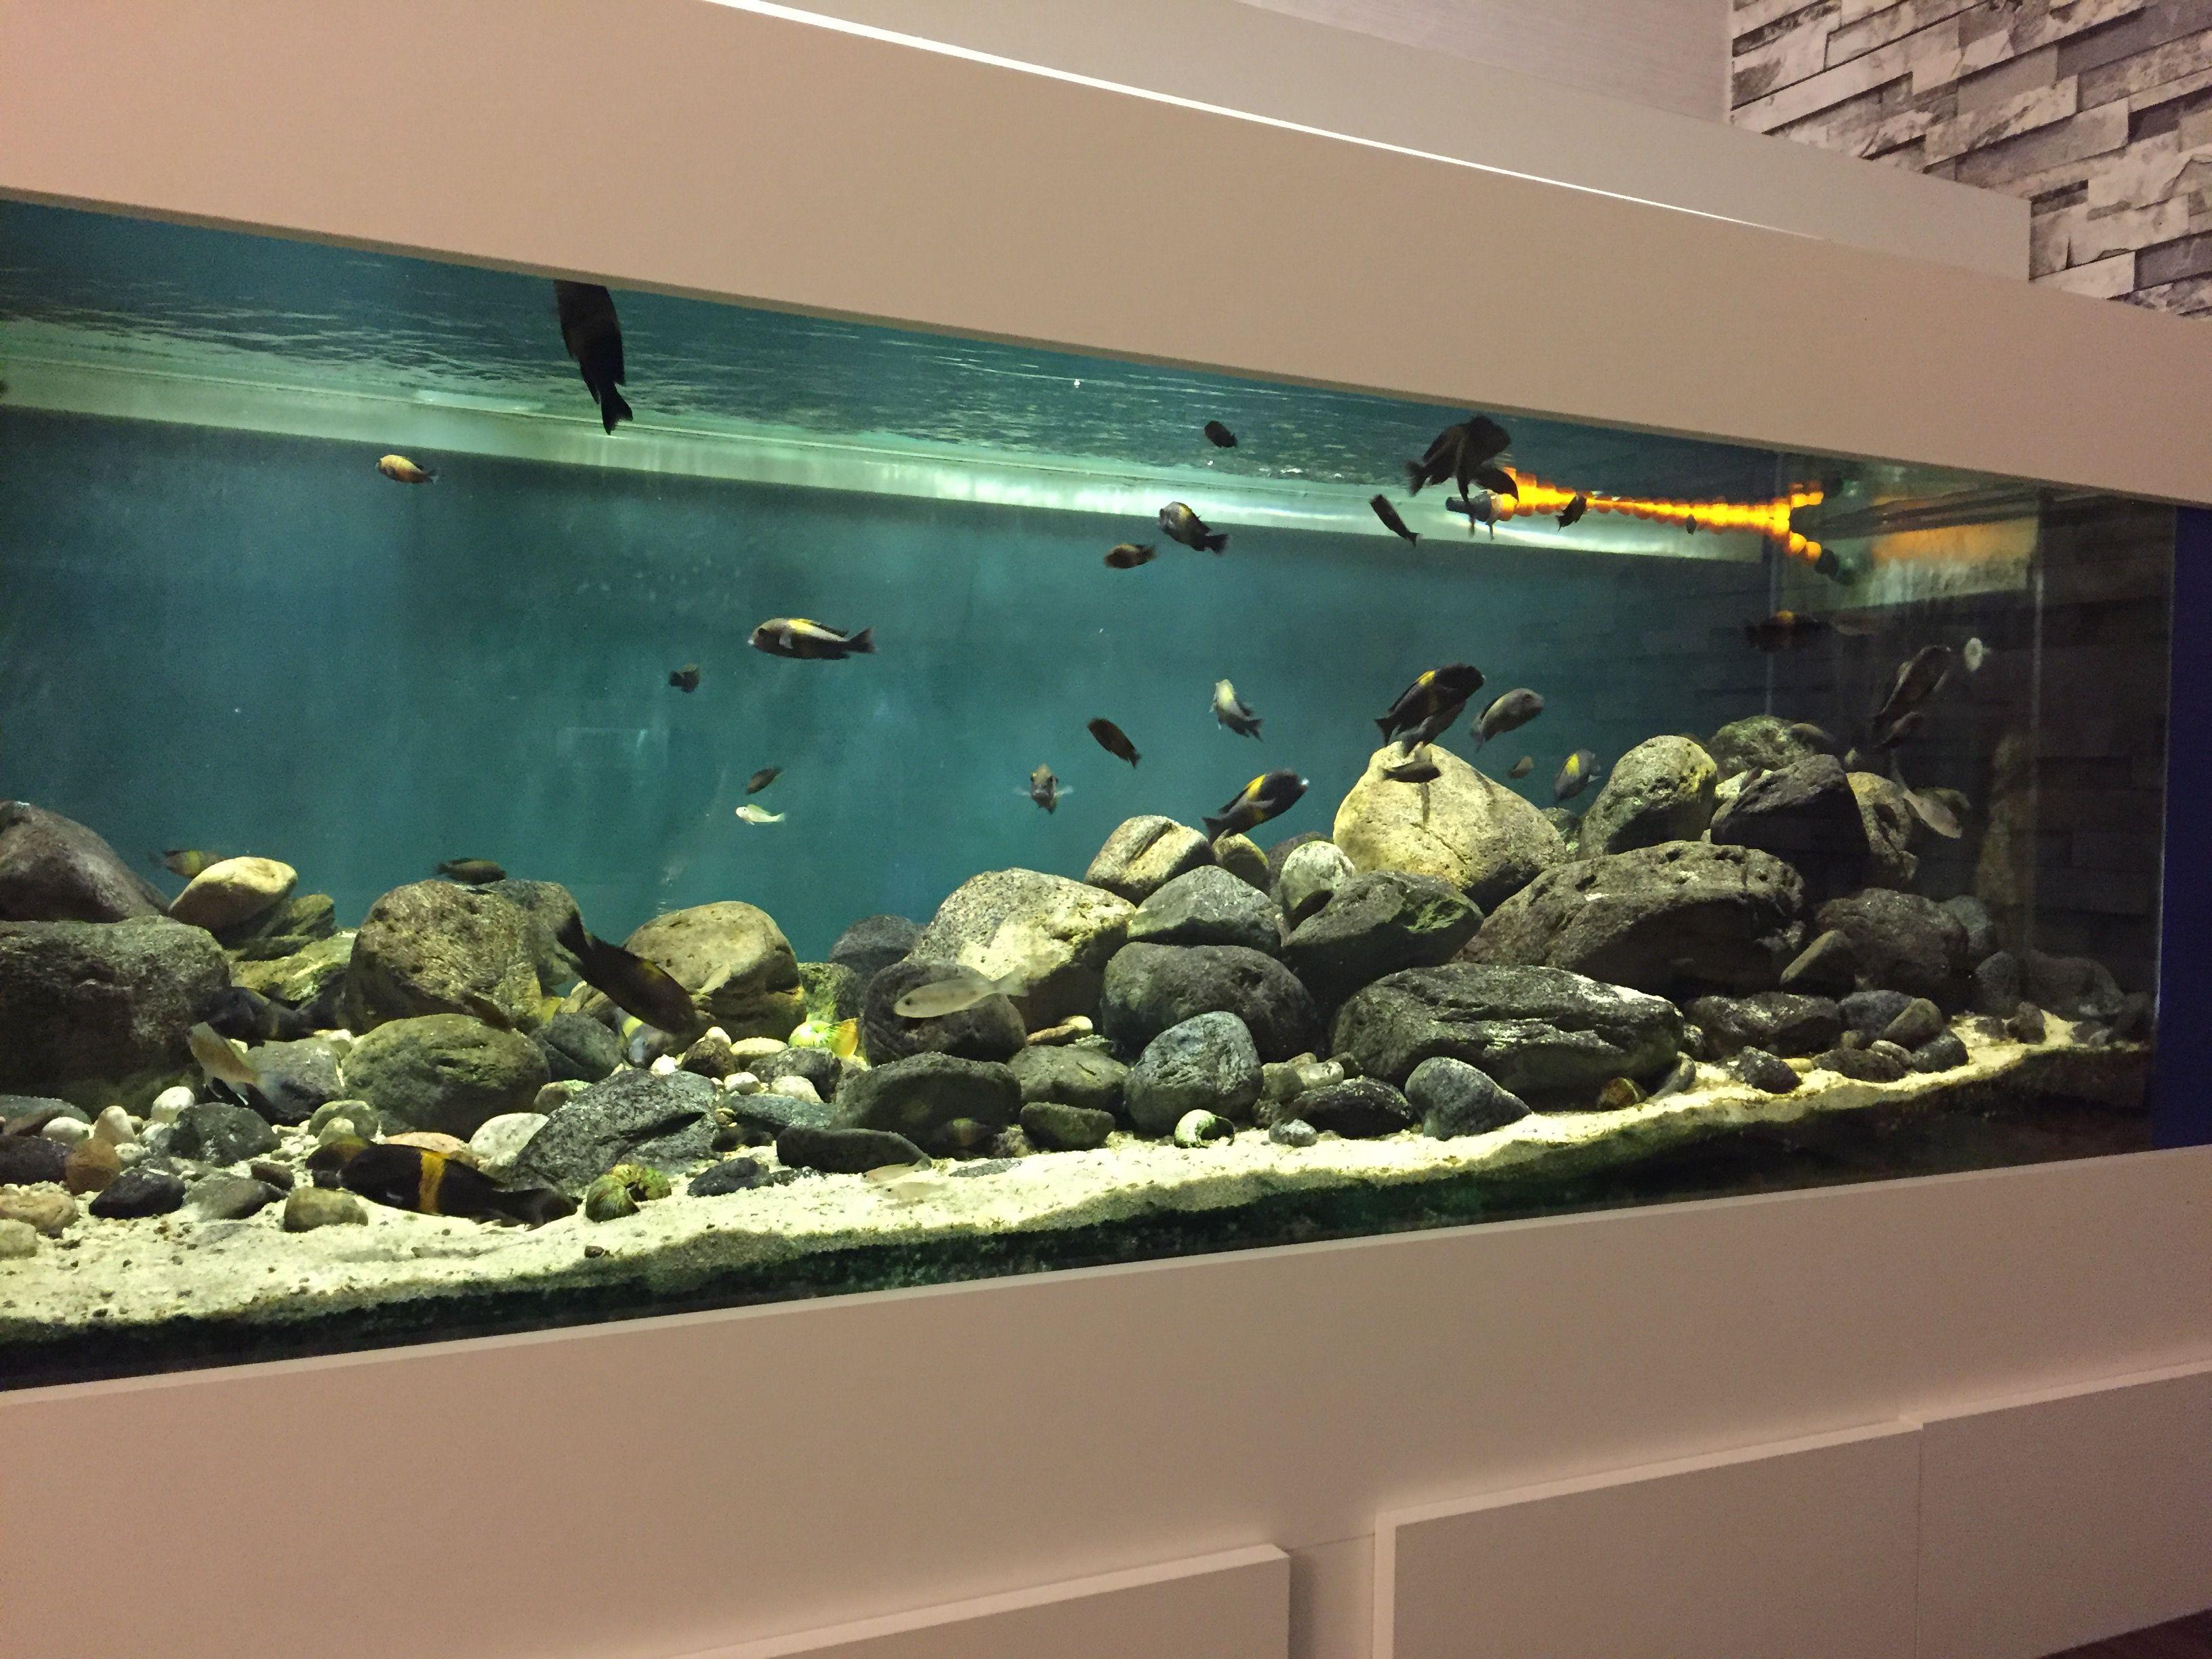 Pin By Abi Hurrin On Aquarium Terraium Cichlid Aquarium Aquarium Fish Tank Aquarium Fish